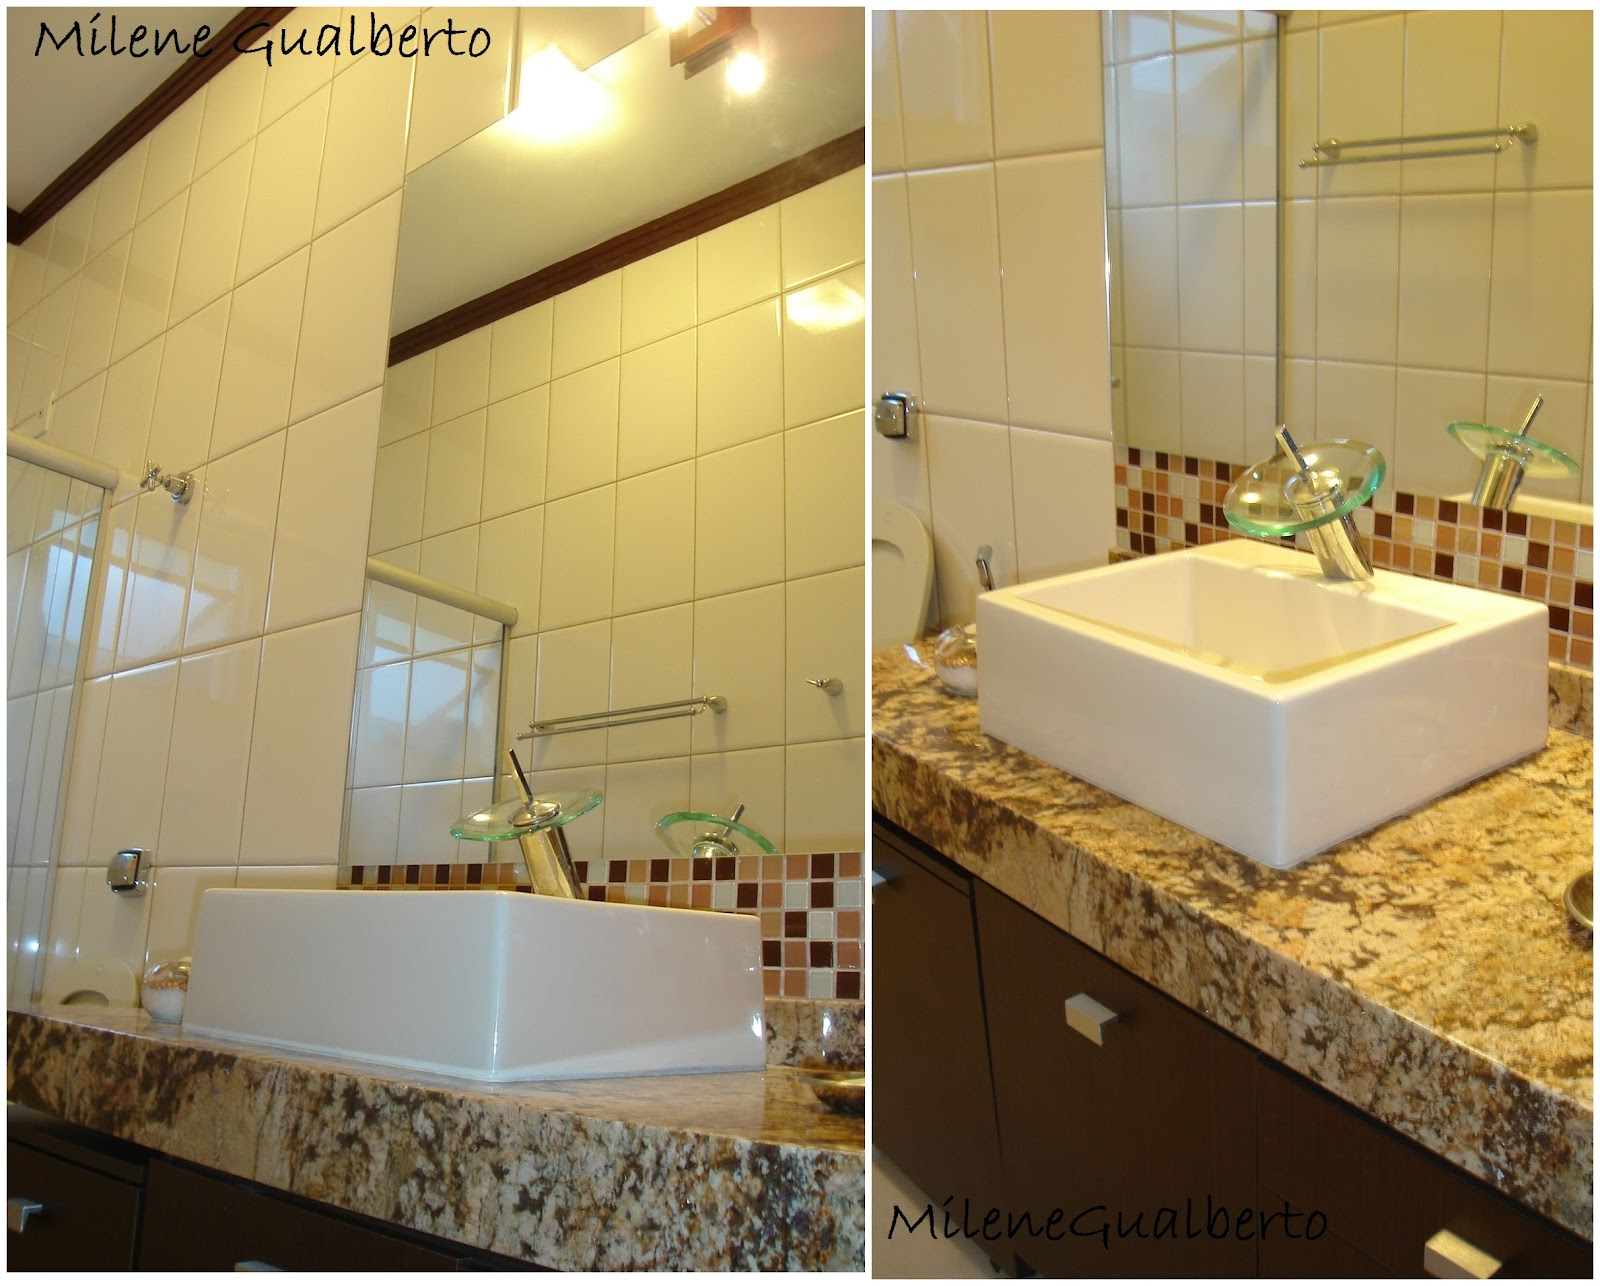 Gualberto: Projetos Residenciais Banheiro com revestimento Bege #AA8021 1600x1286 Banheiro Branco Bege